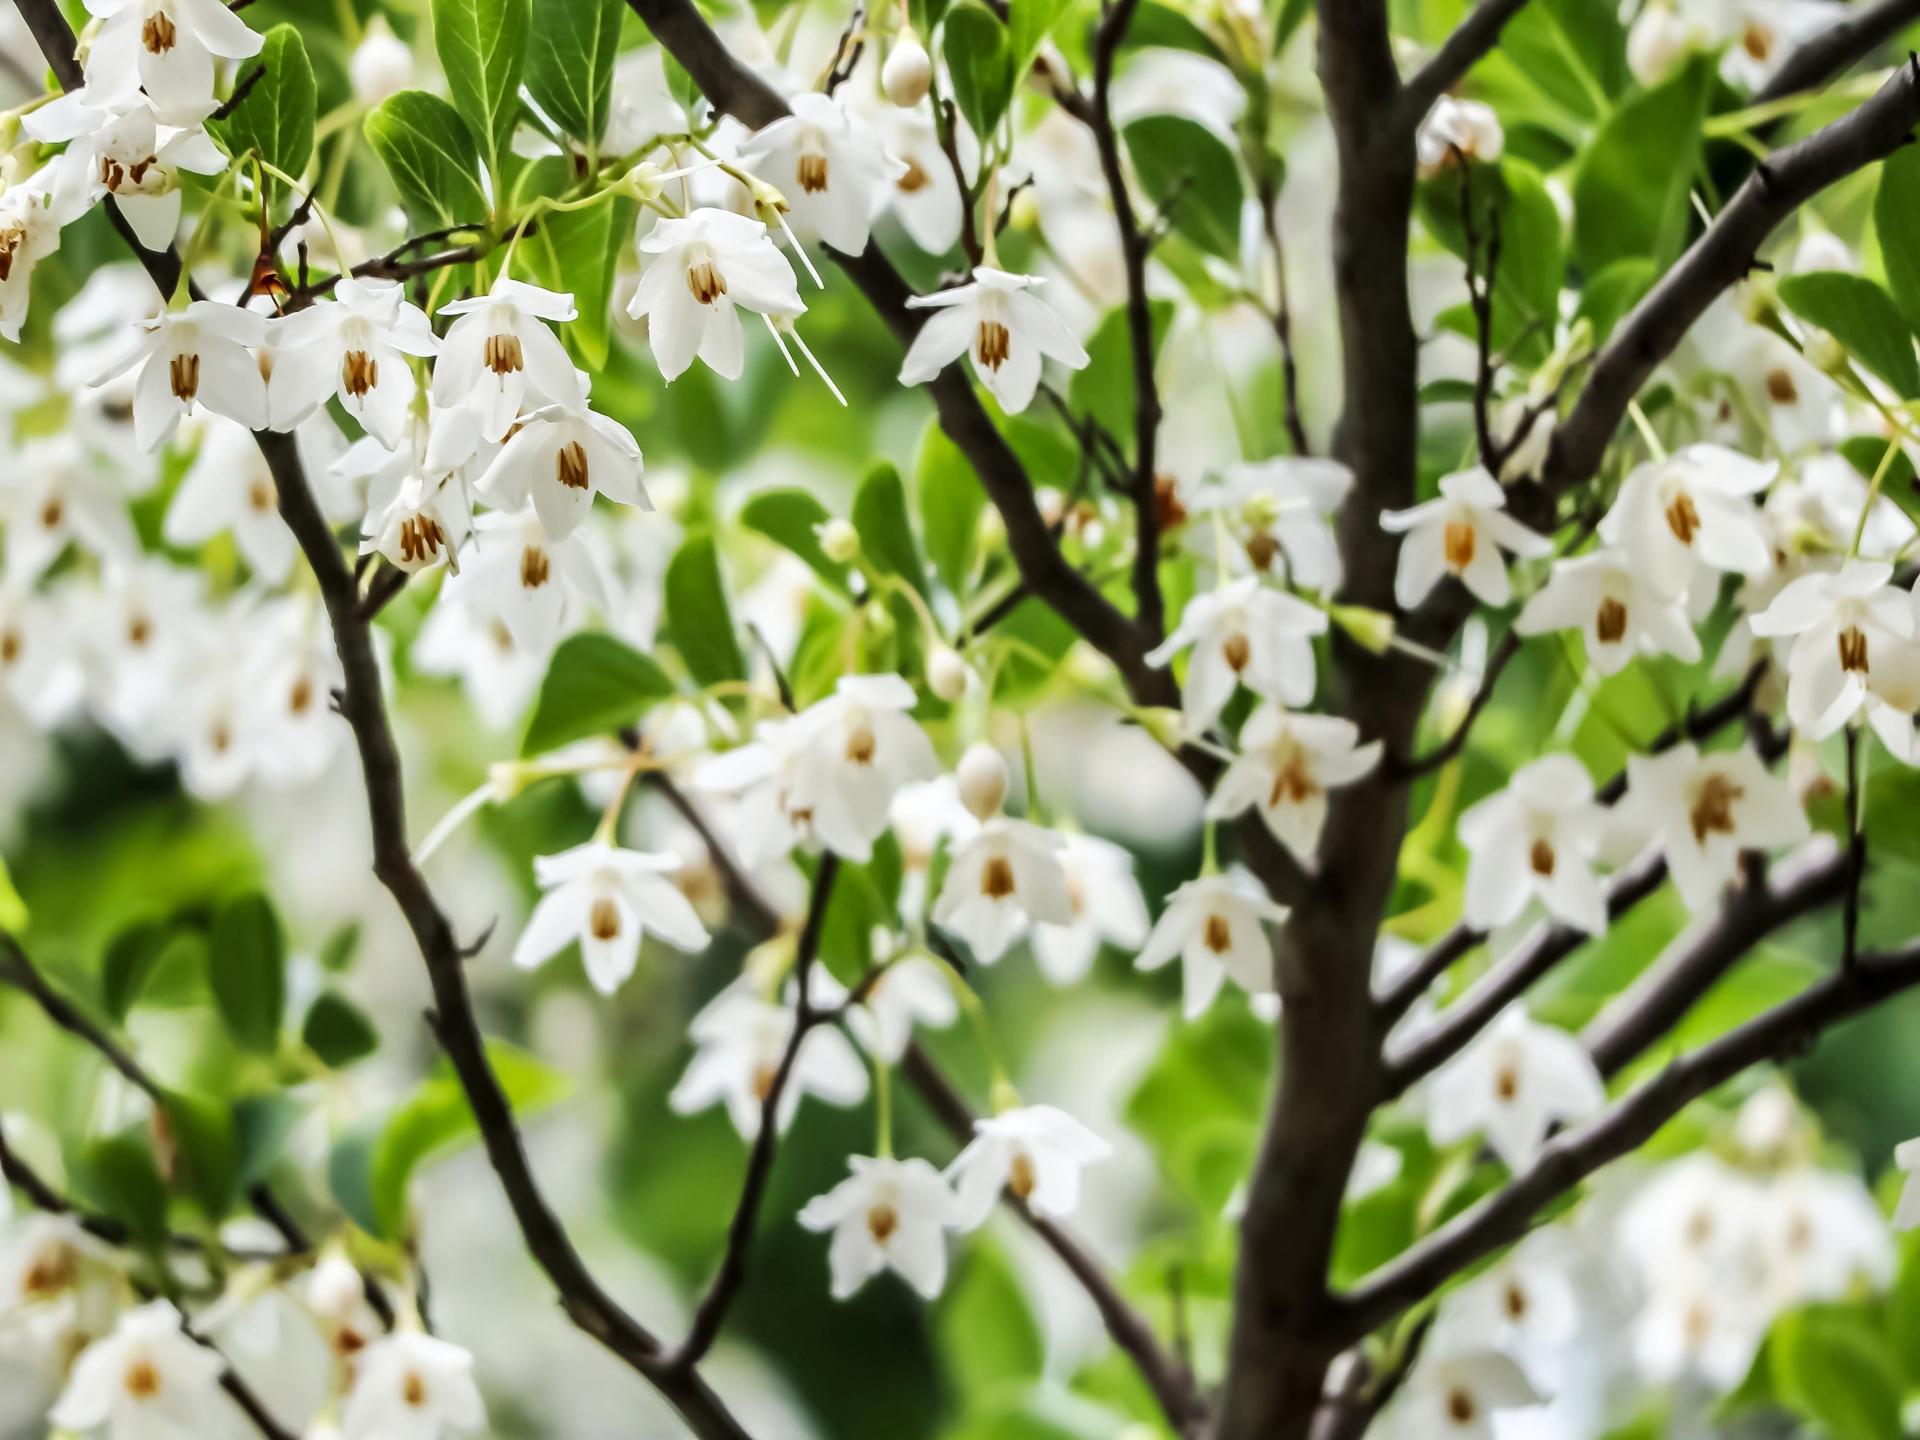 ガーデン用品屋さんの花図鑑 エゴノキ